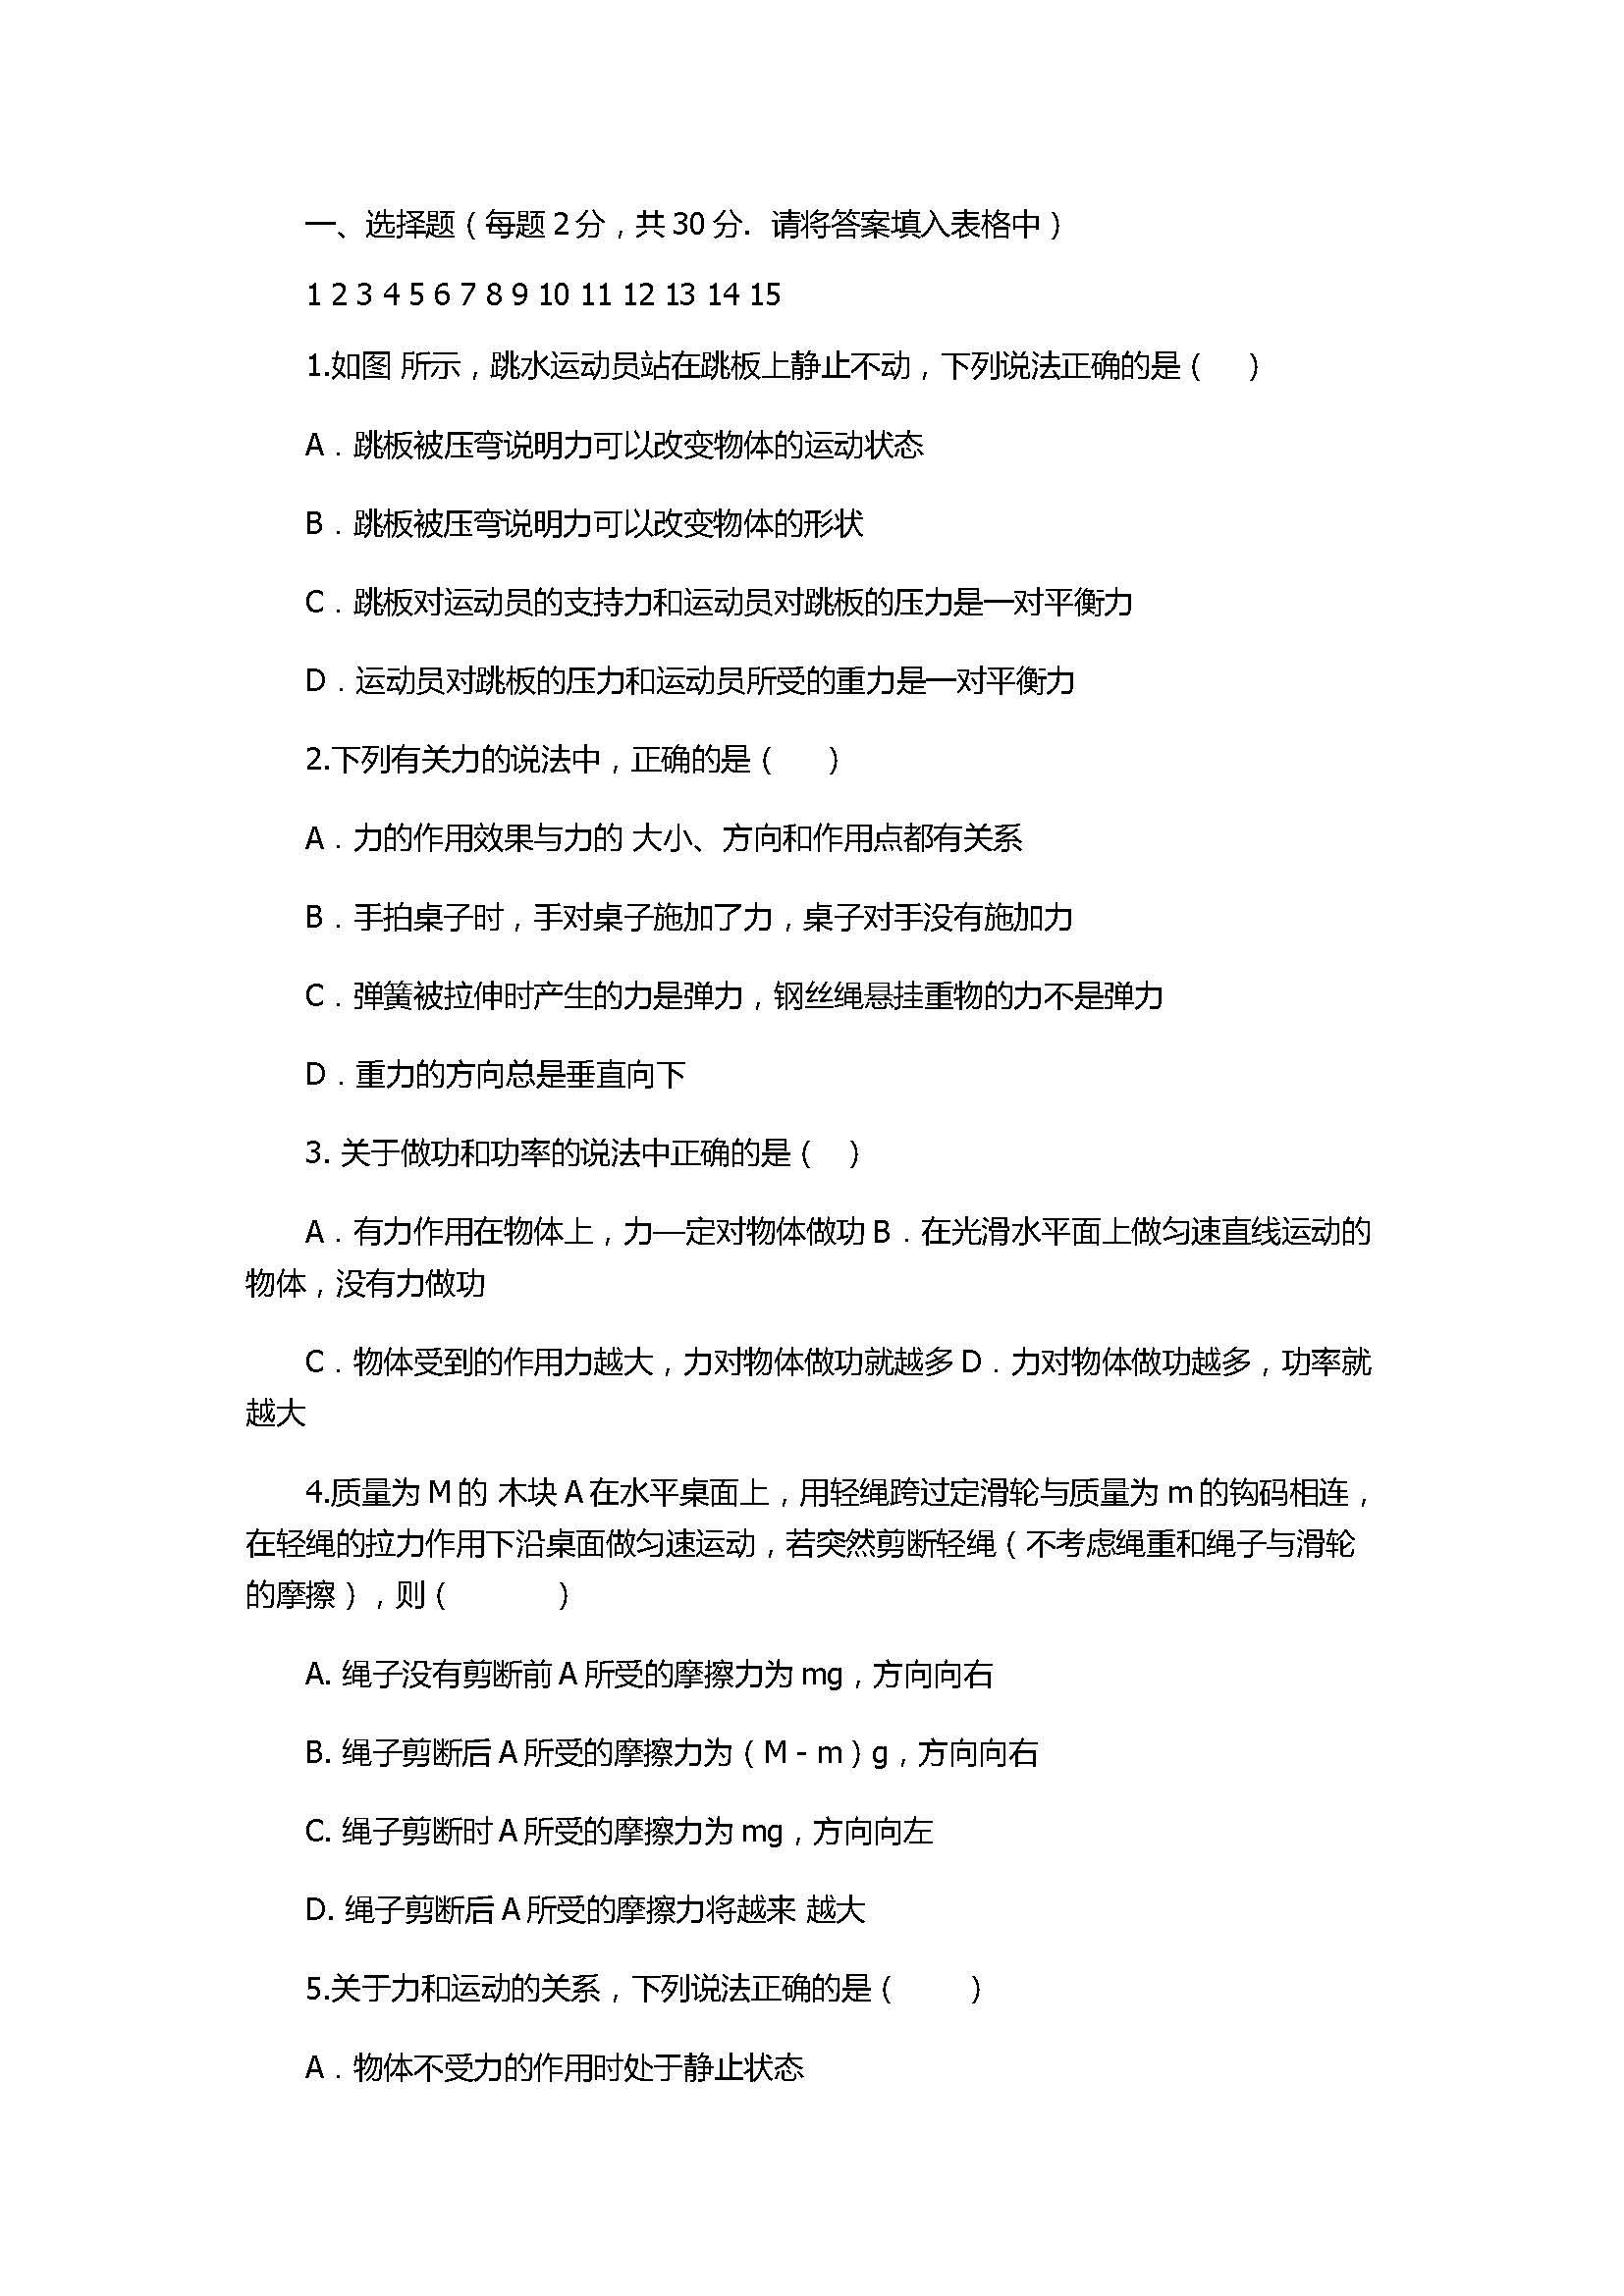 2017初二年级物理下册期末测试题(青海师大二附中)